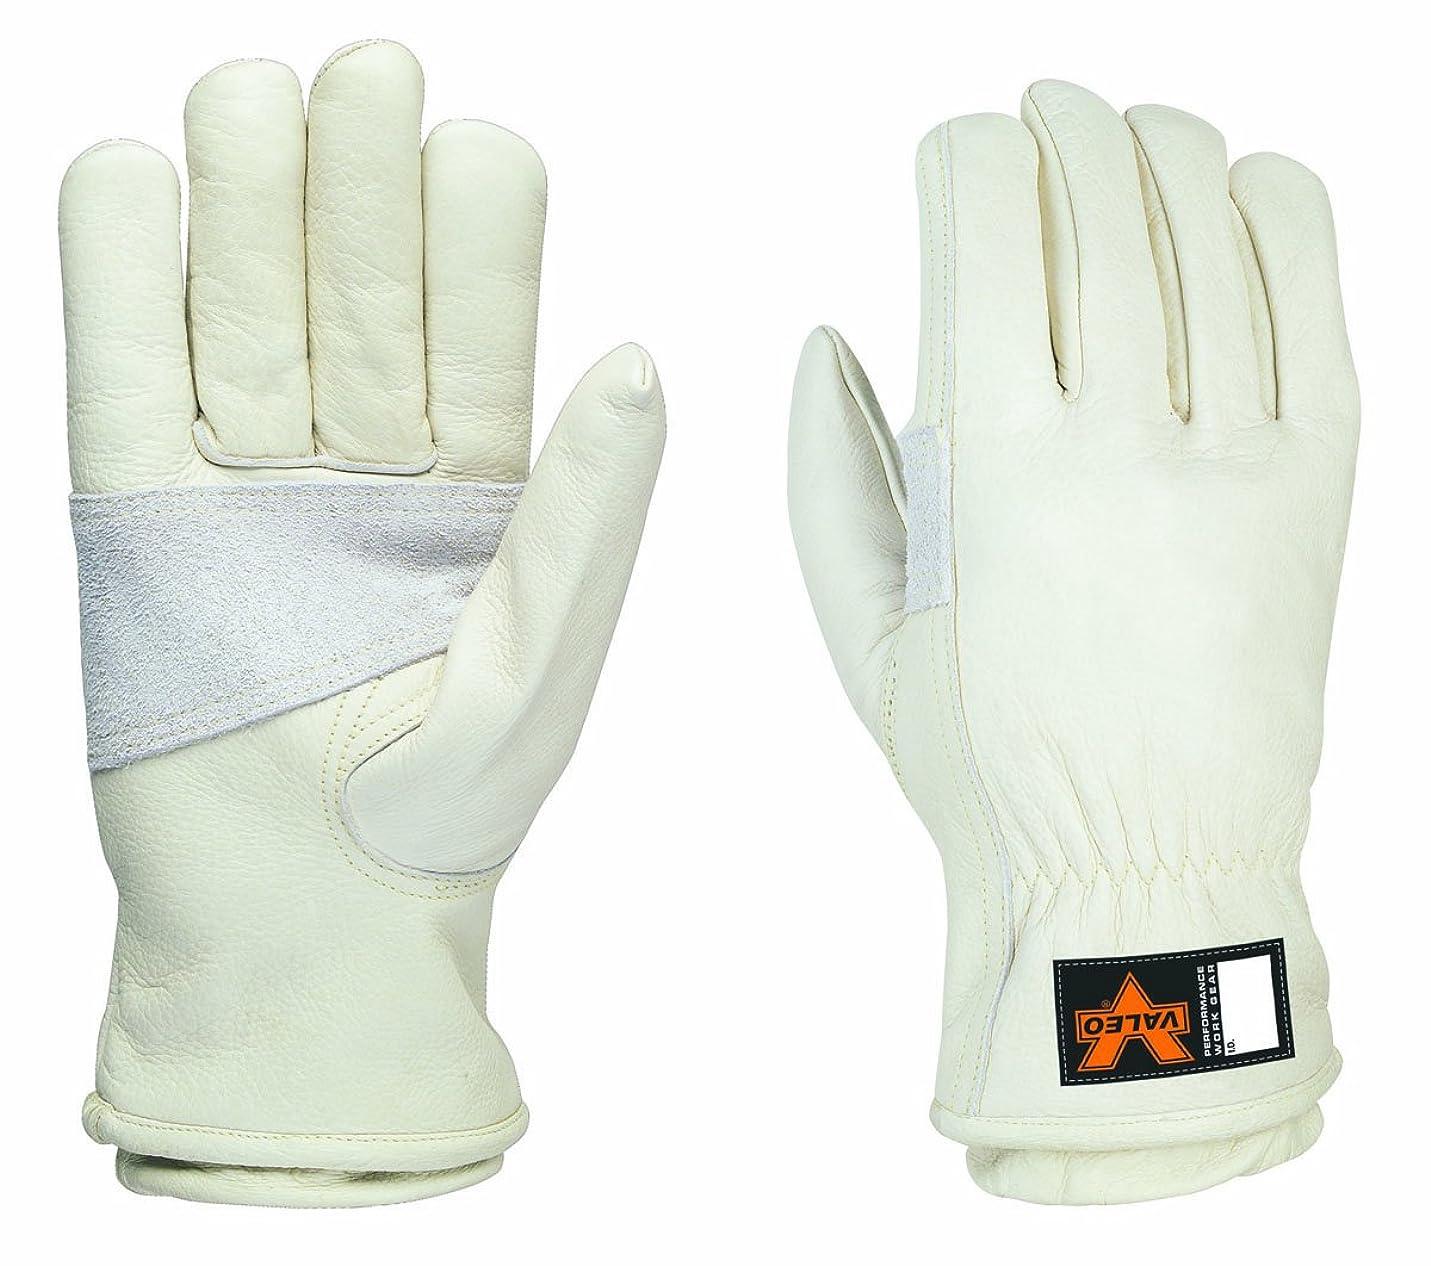 療法送金支援するヴァレオレザーmulti-task手袋